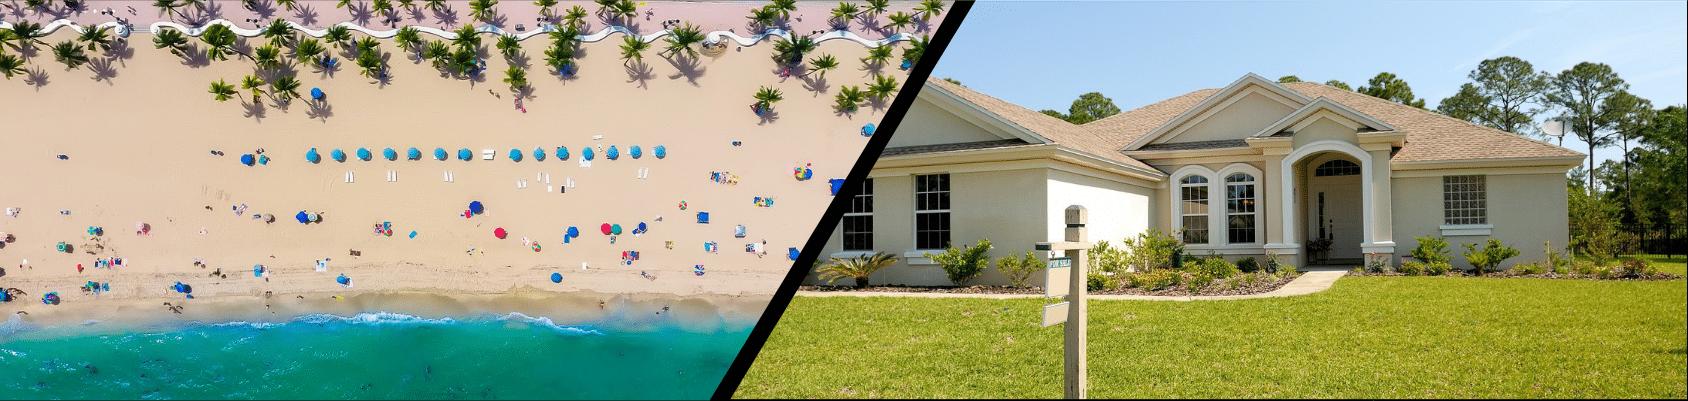 l'immobilier en Floride avec Auxandra